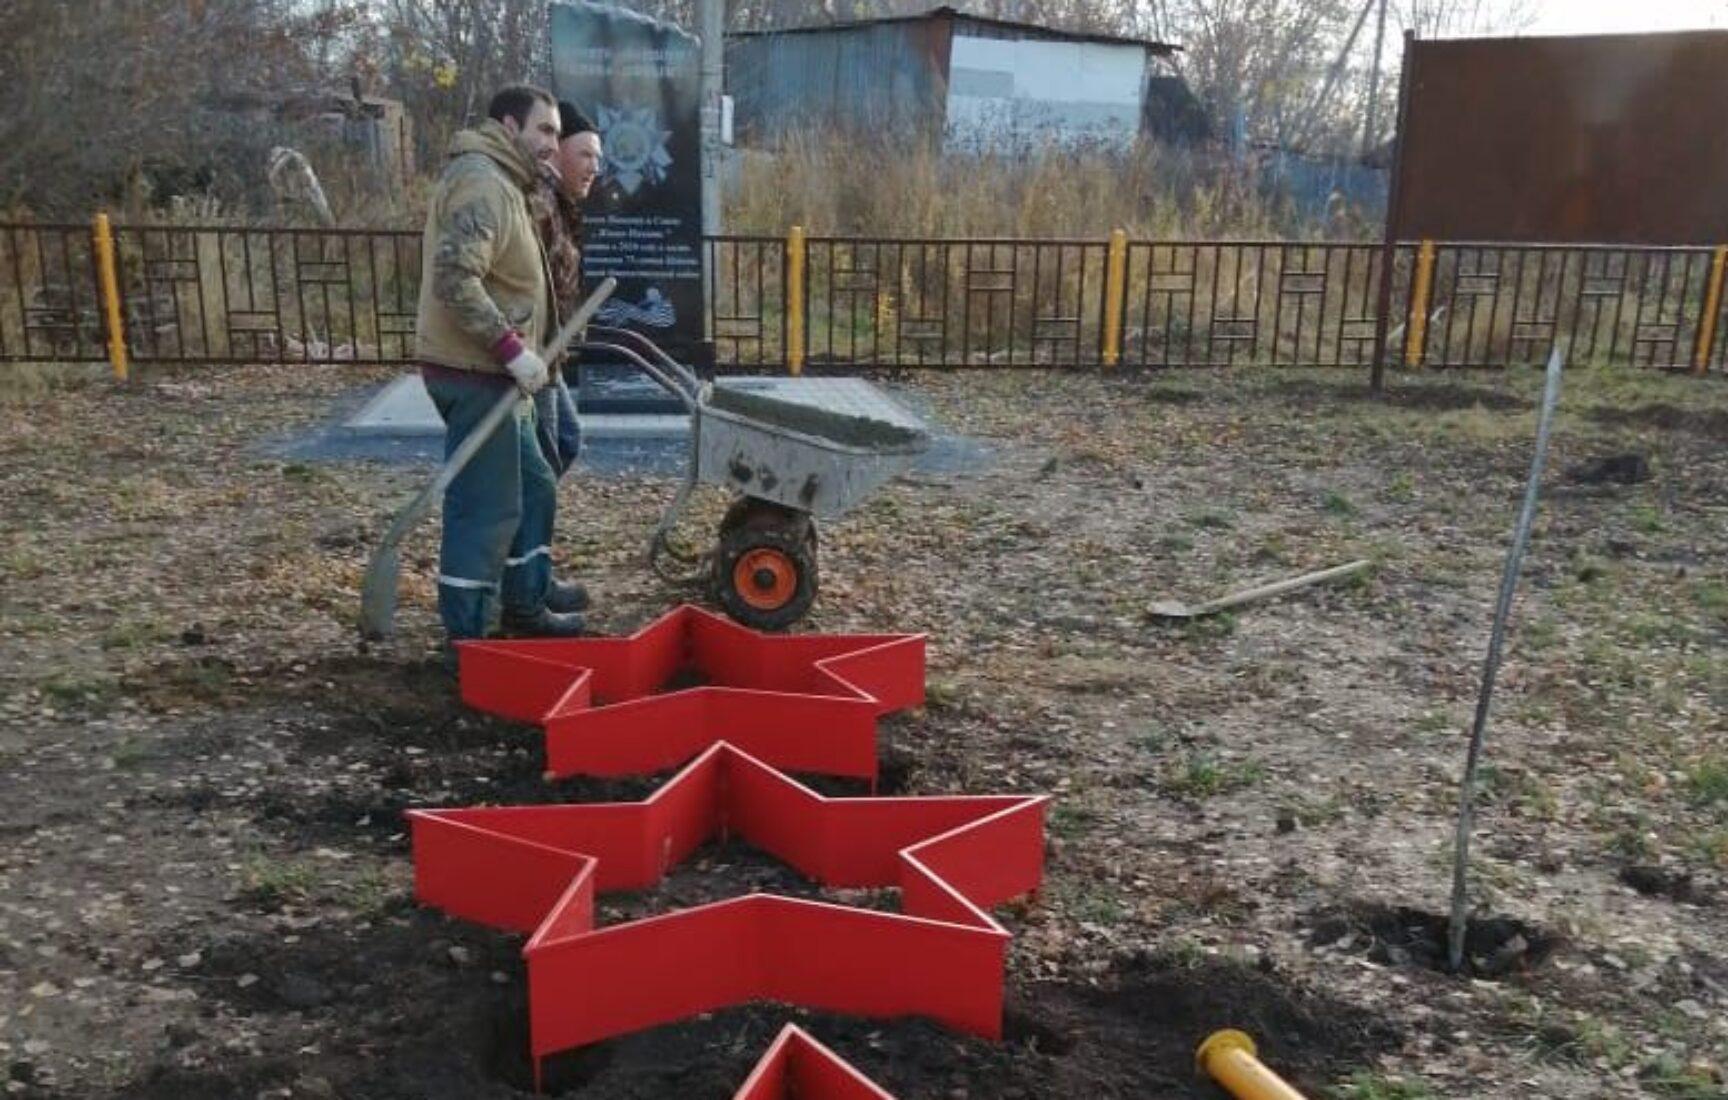 Продолжаются работы по реализации проекта сельского старосты п. Красный Яр Киреевского района